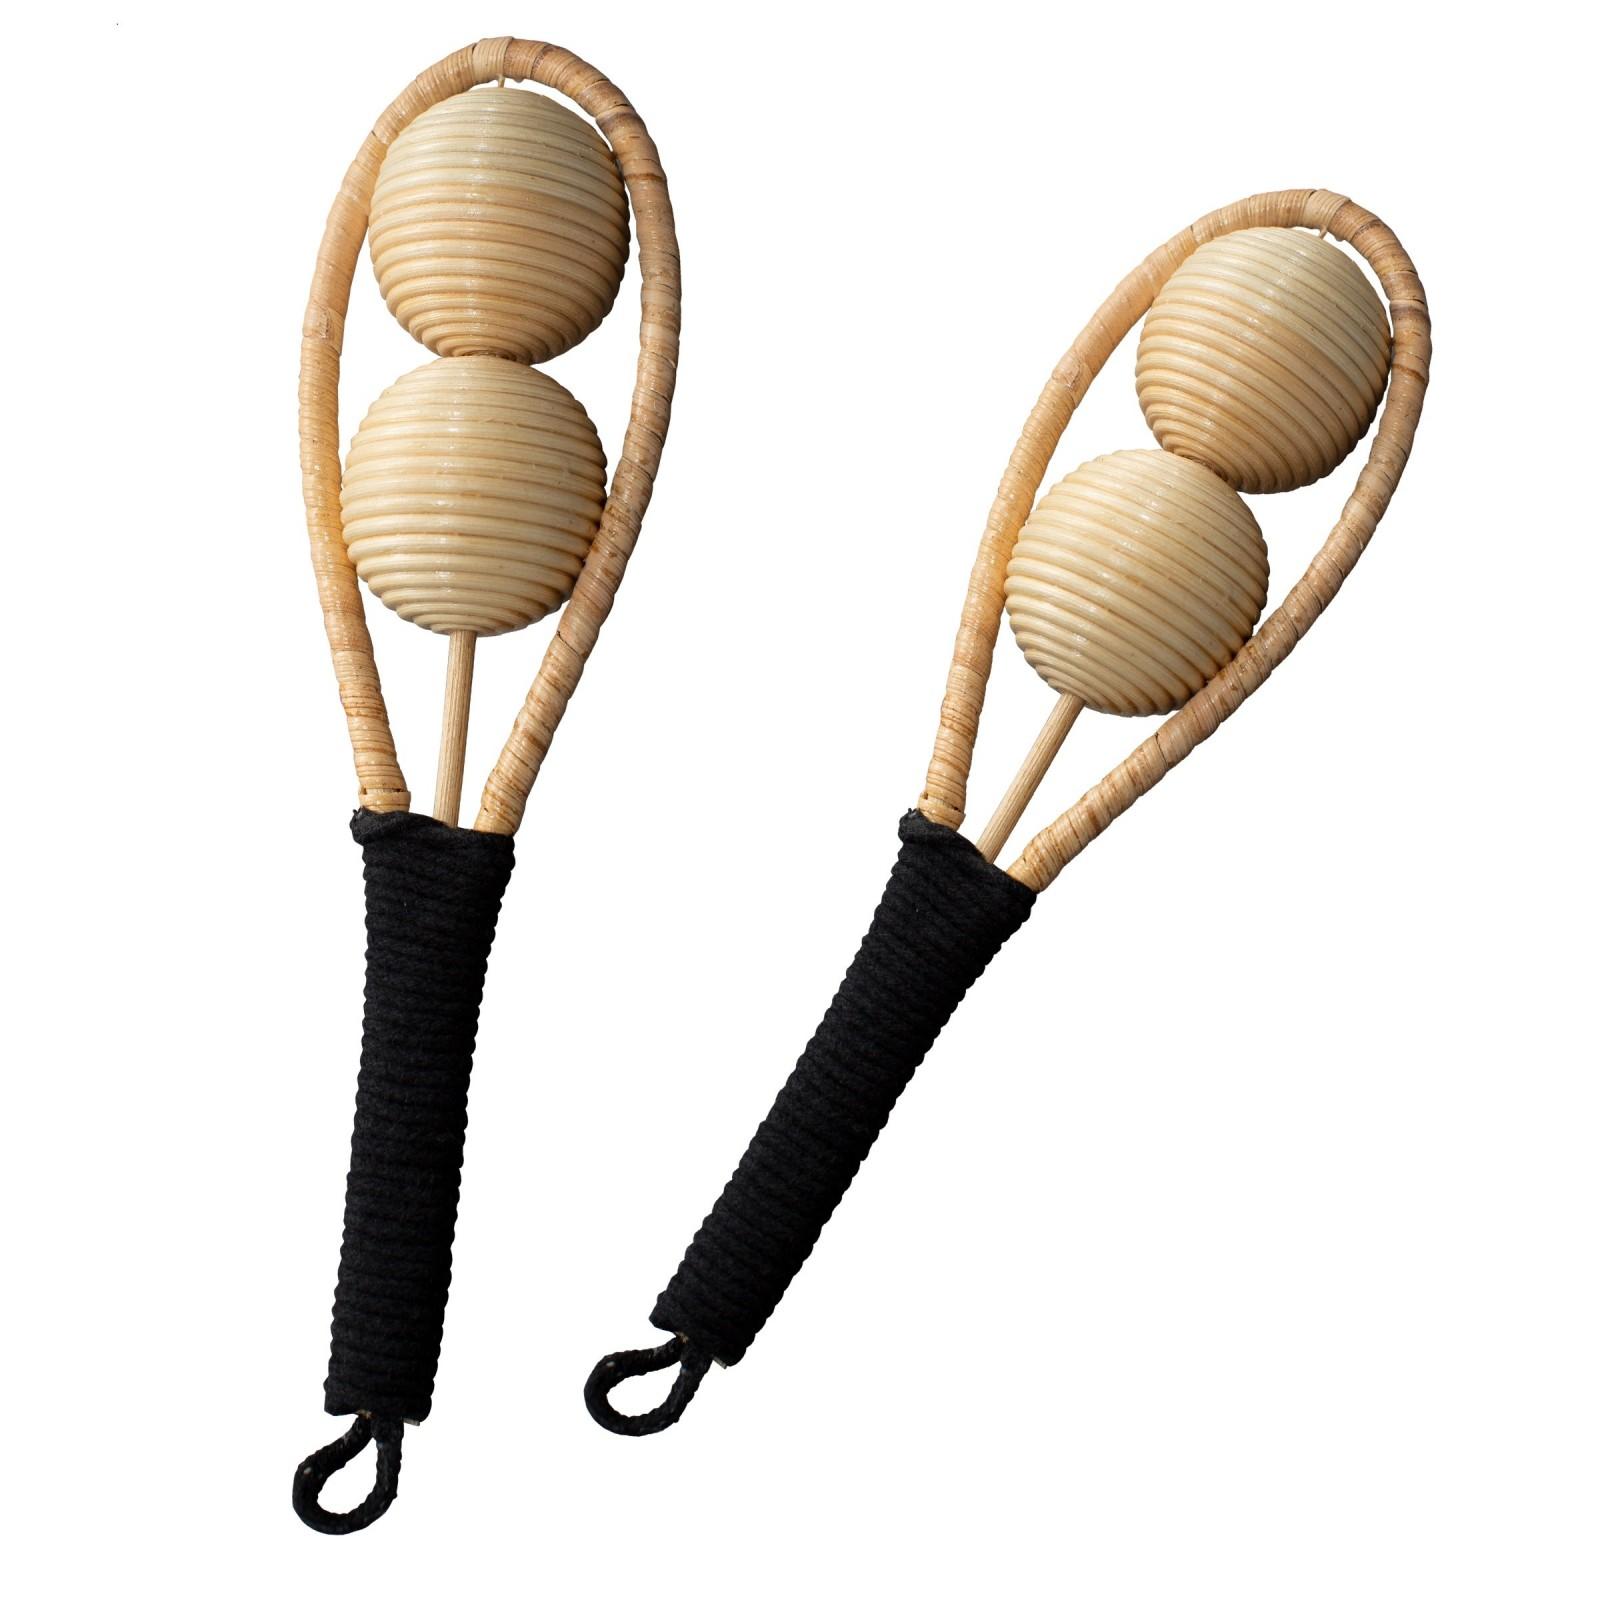 Bambus Shaker Set - Hand Percussion - Musikinstrument für Kinder - leicht - 26cm